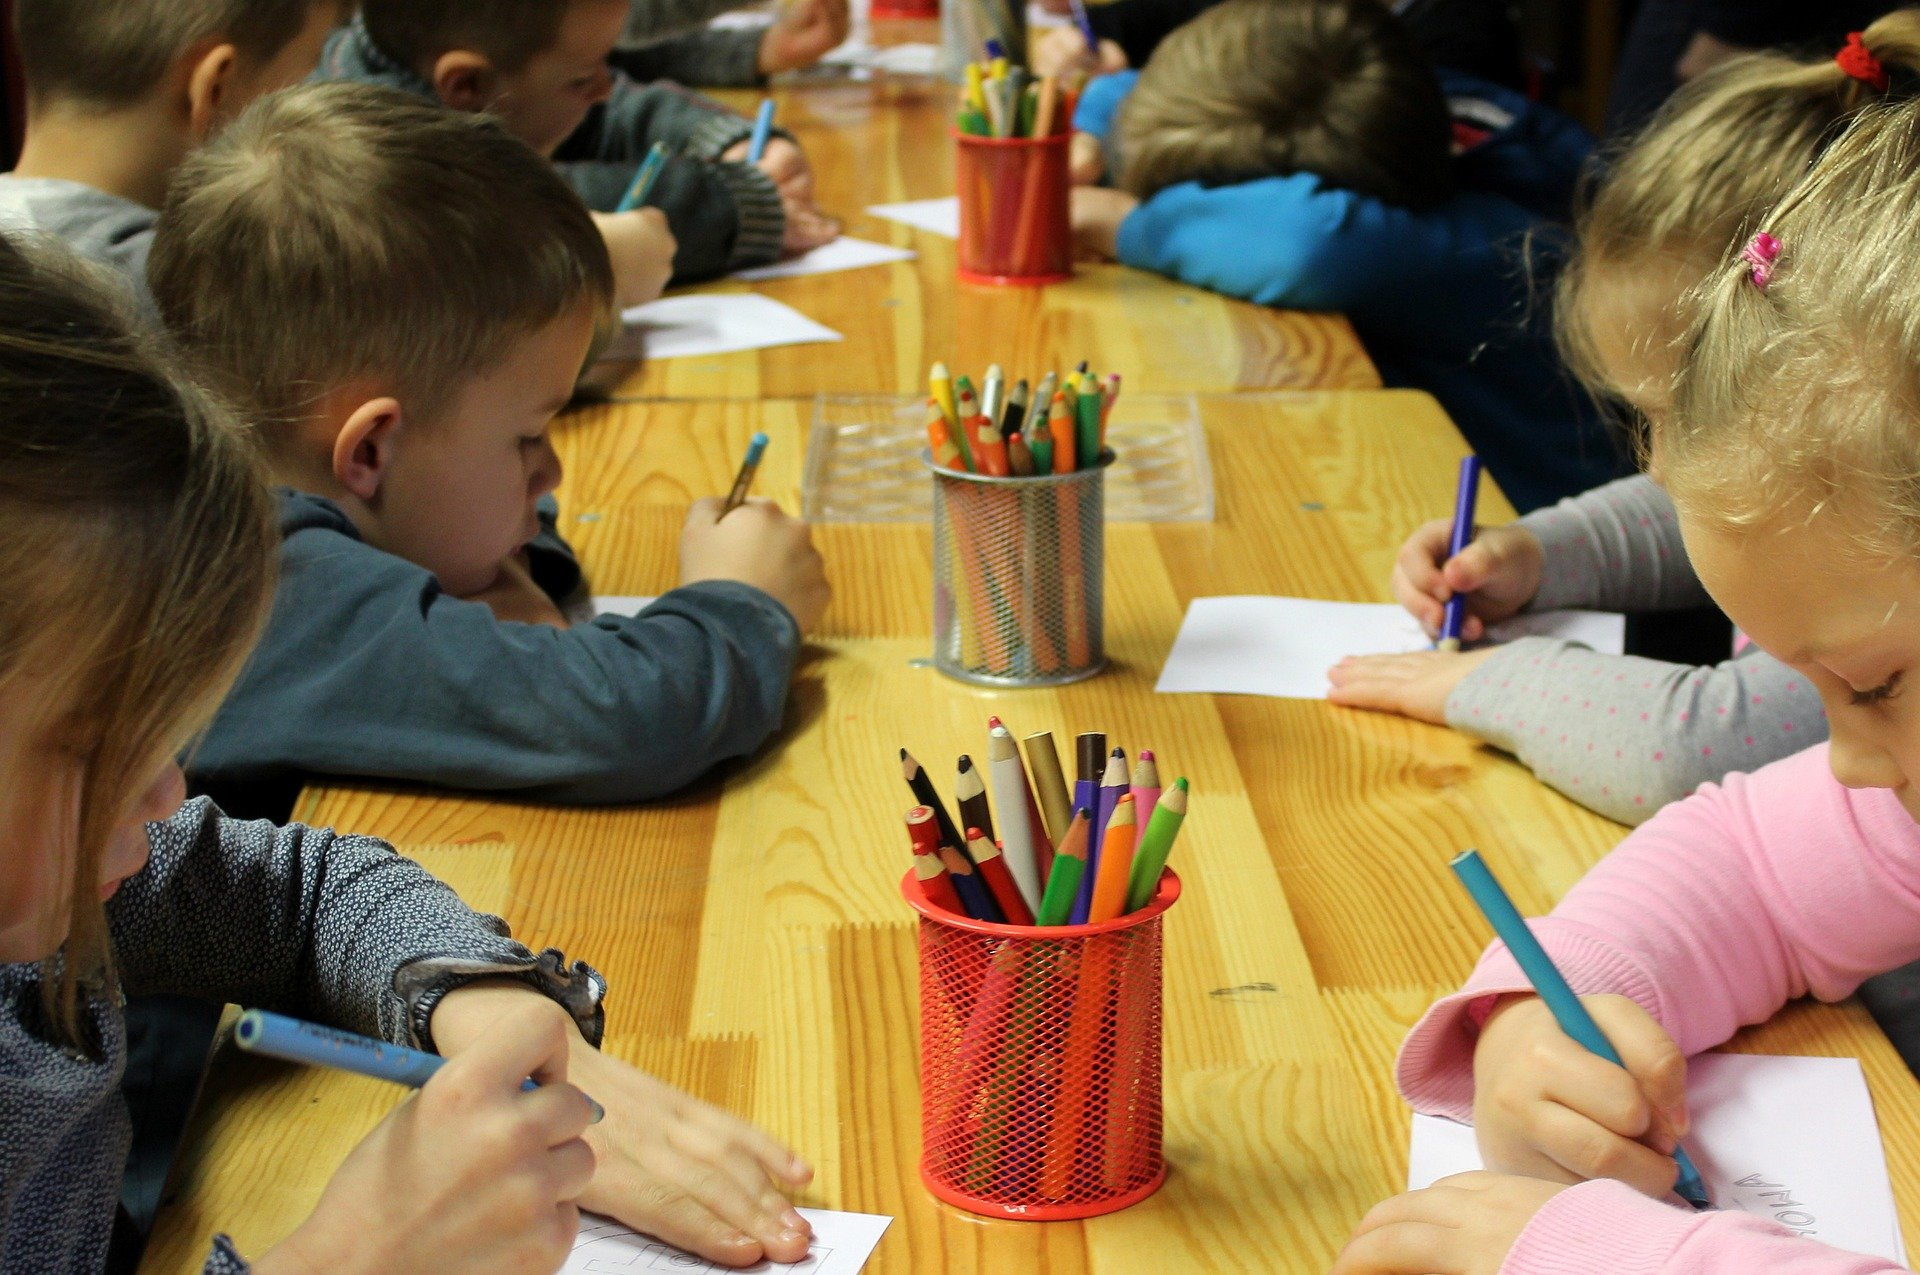 Занятия в развивающей детской студии на Синявинской продлятся до конца мая. Фото: pixabay.com